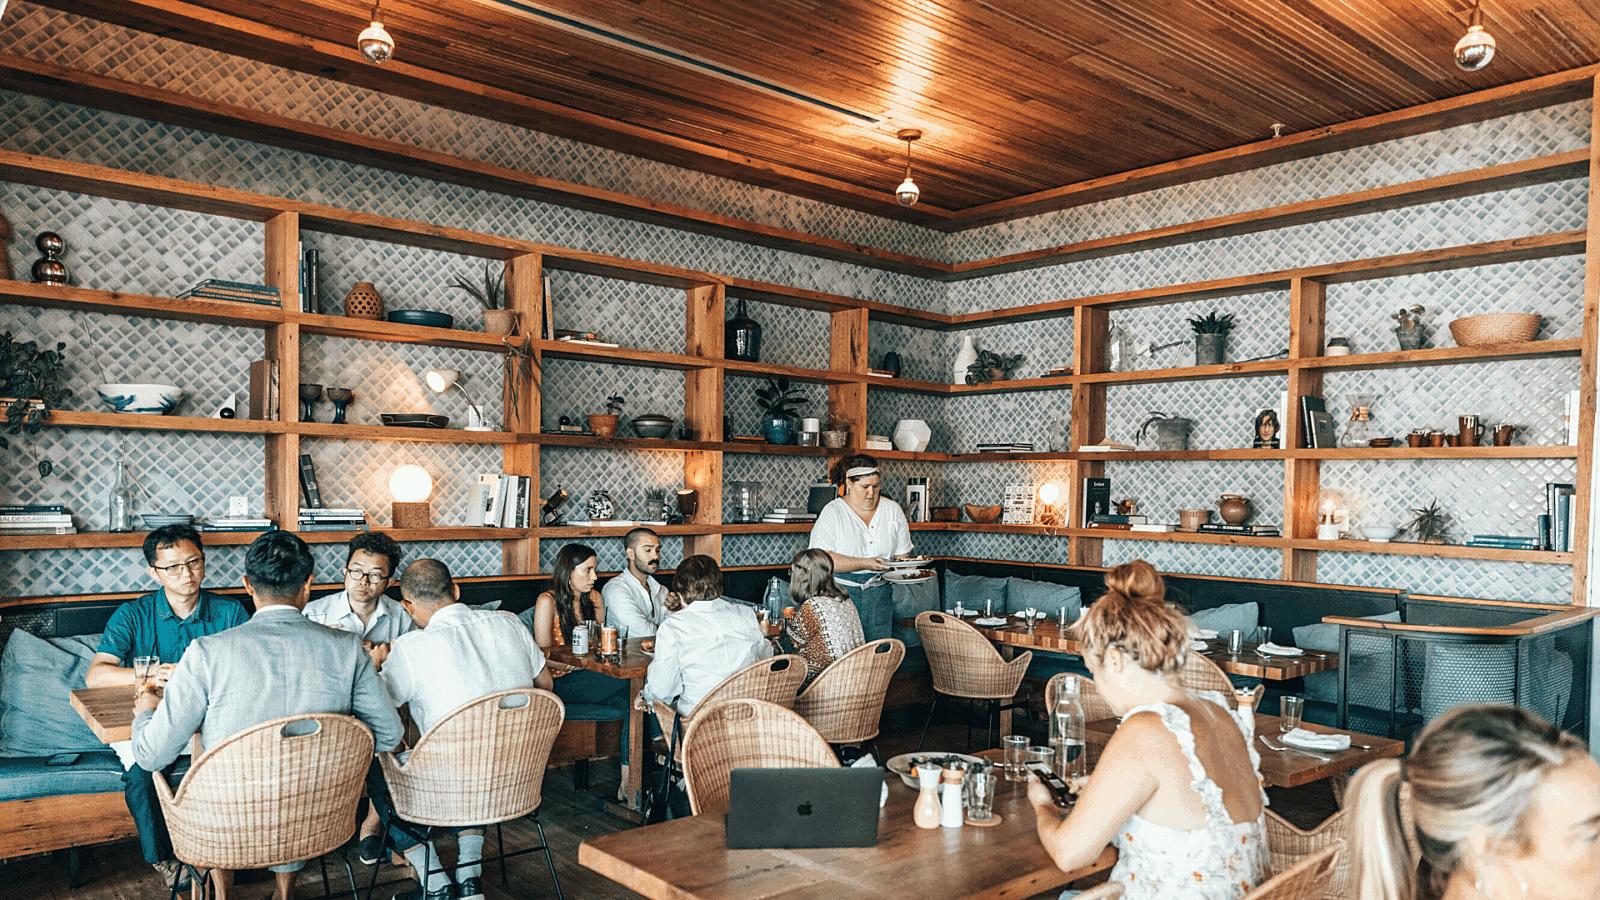 Restaurant labor costs staff scheduling